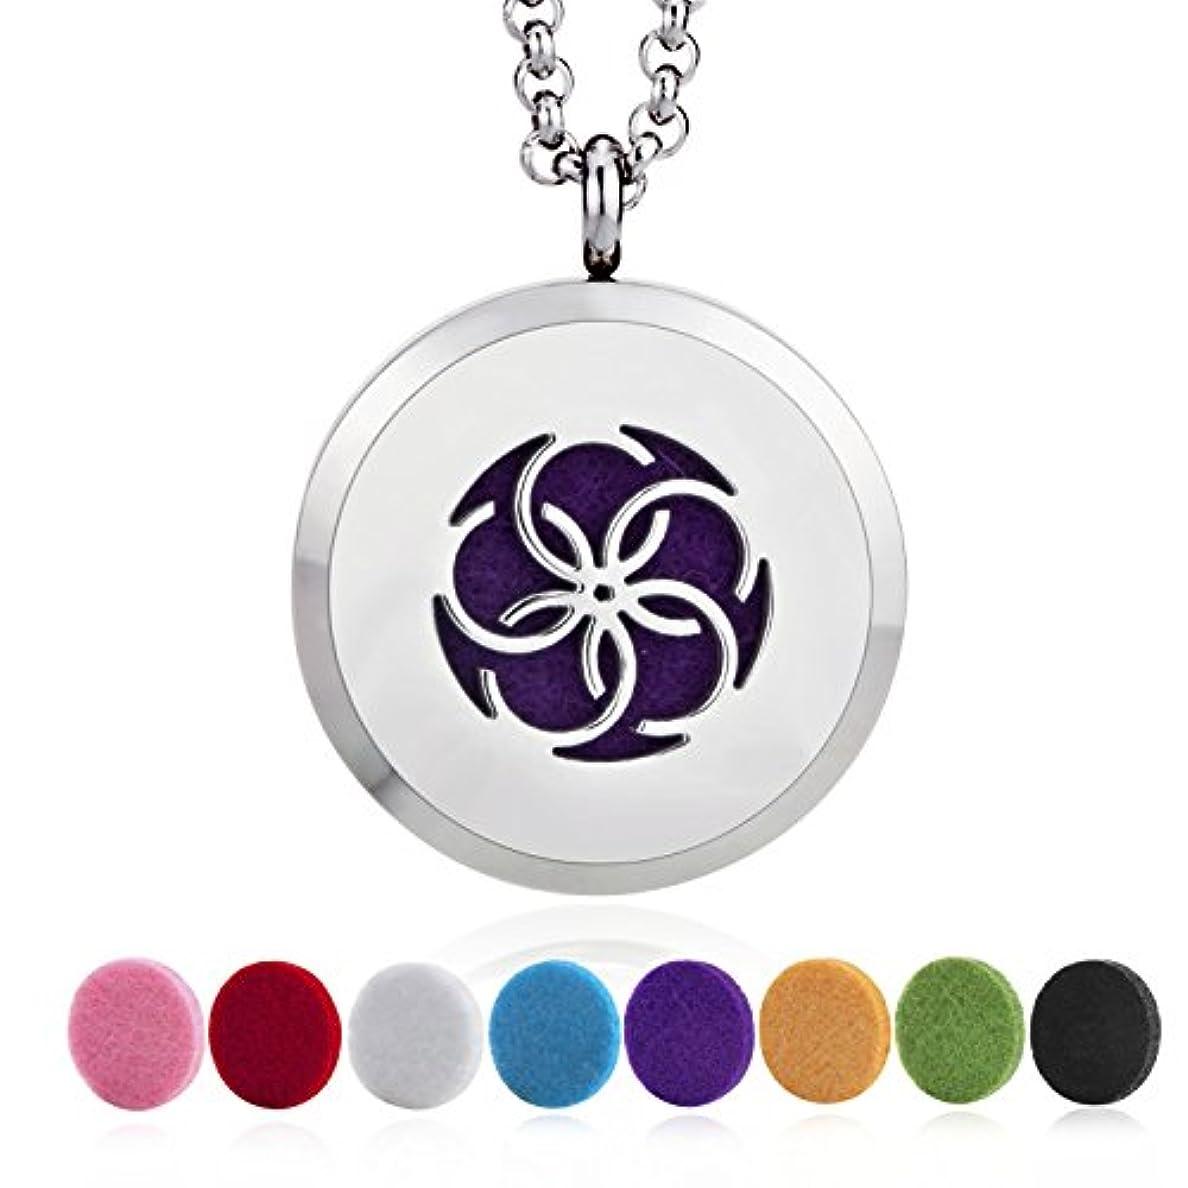 平行上陸長椅子Aromatherapy Essential Oil Diffuser necklace-stainlessスチール2つのロケットペンダントチェーン+ 8フェルトパッド